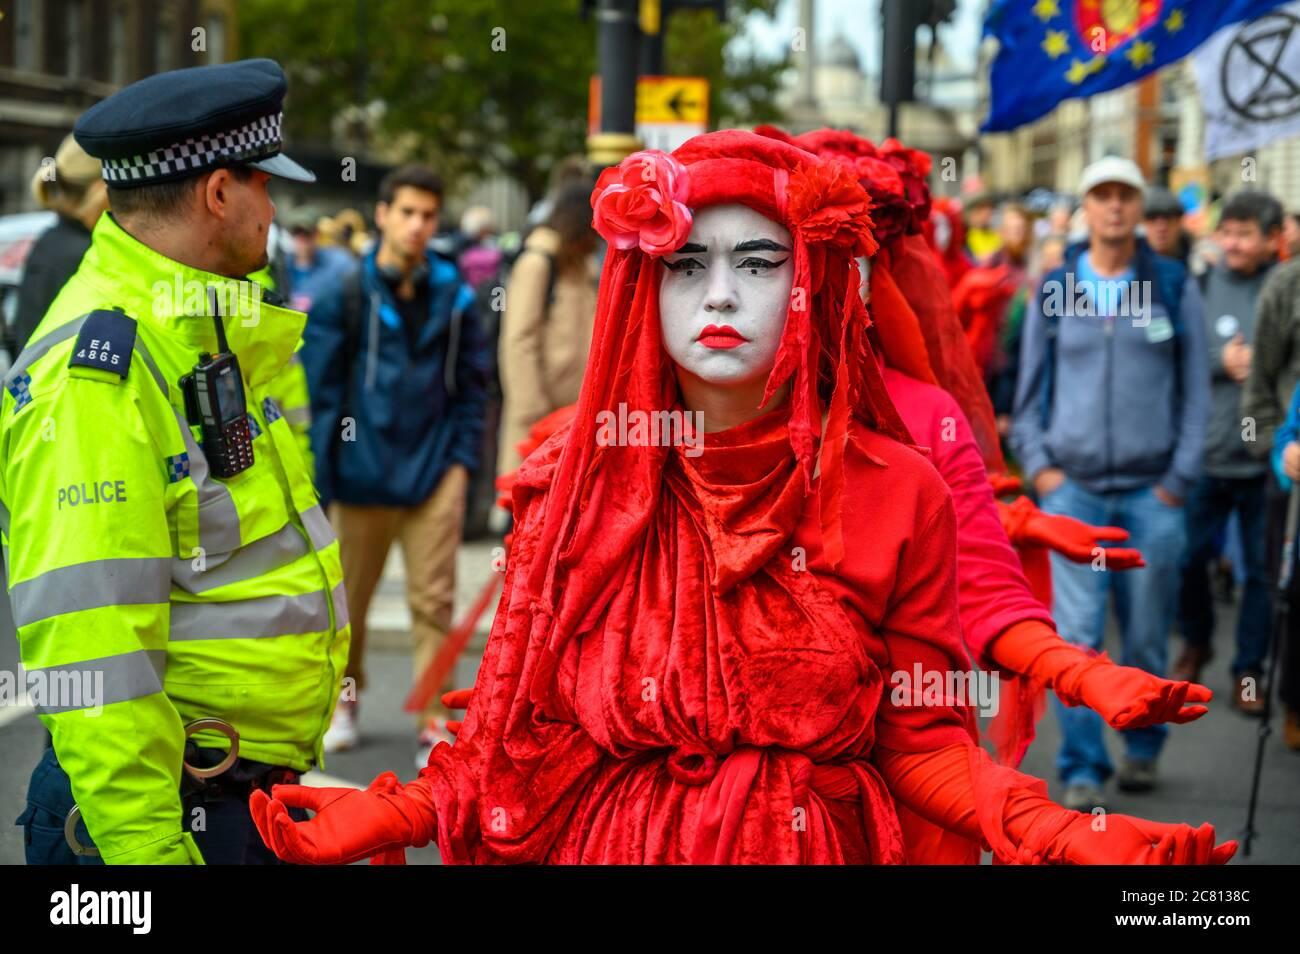 LONDRES - 18 OCTOBRE 2019 : gros plan des manifestants de la Brigade rouge de la rébellion d'extinction passant devant un officier de police métropolitain Banque D'Images